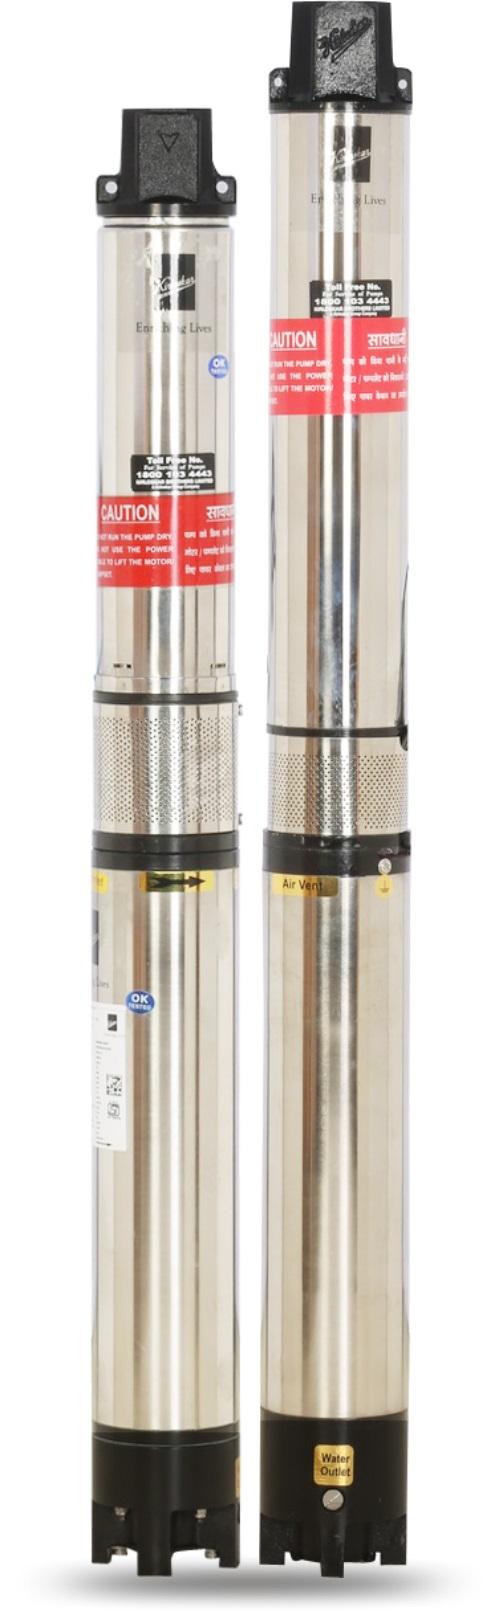 KBL présente les pompes submersibles Borewell de 4 pouces de la série NEO